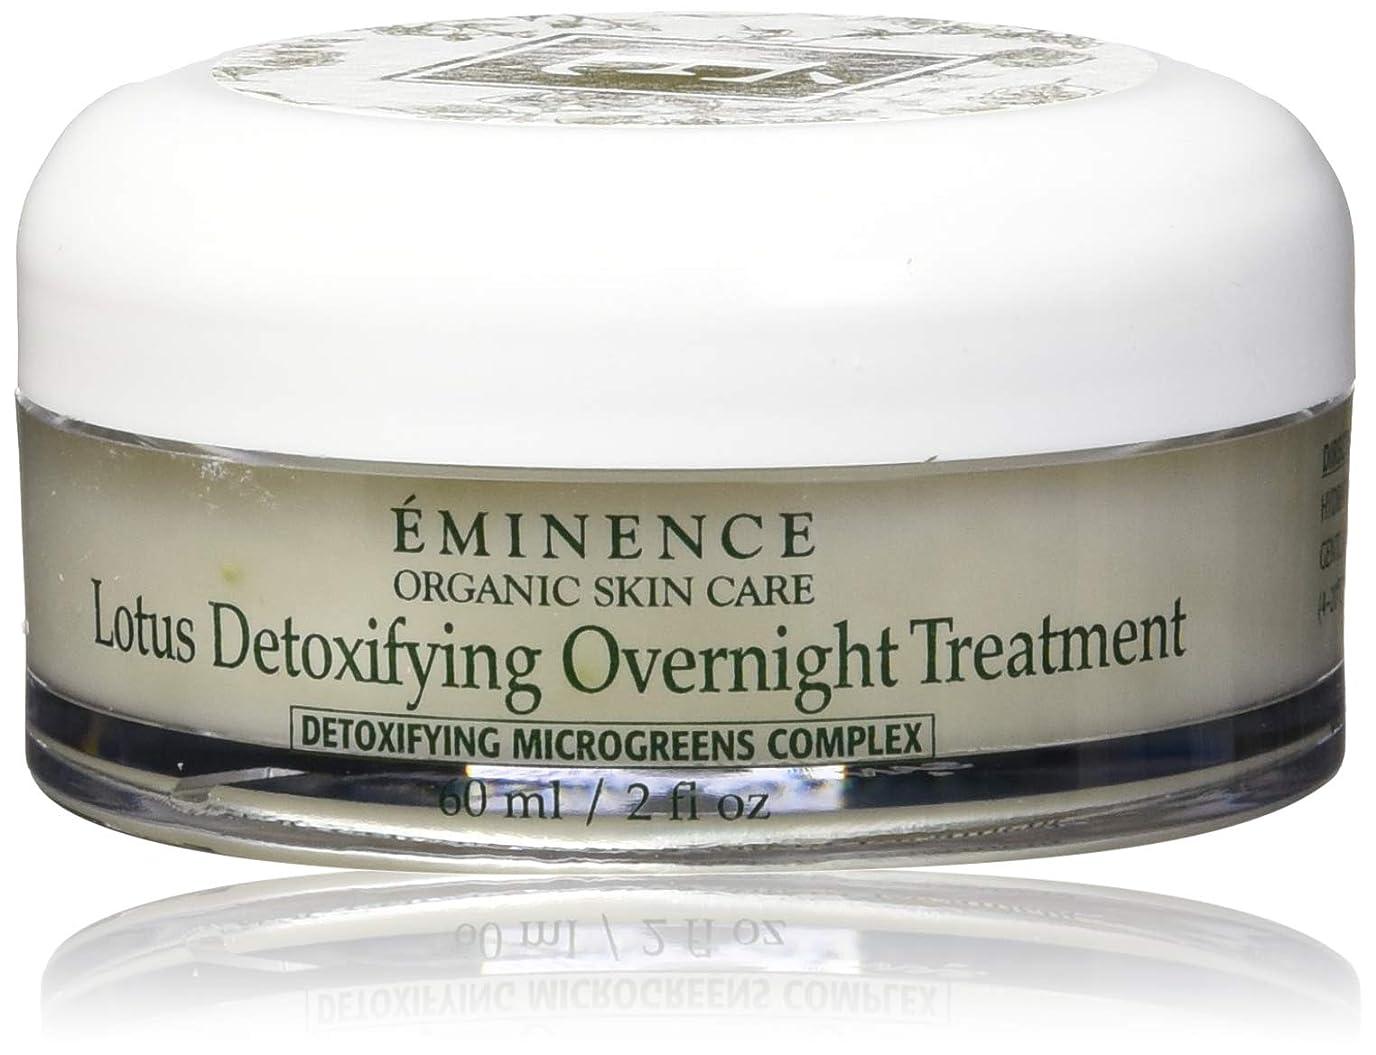 弱いどれでもフォアマンエミネンス Lotus Detoxifying Overnight Treatment 60ml/2oz並行輸入品